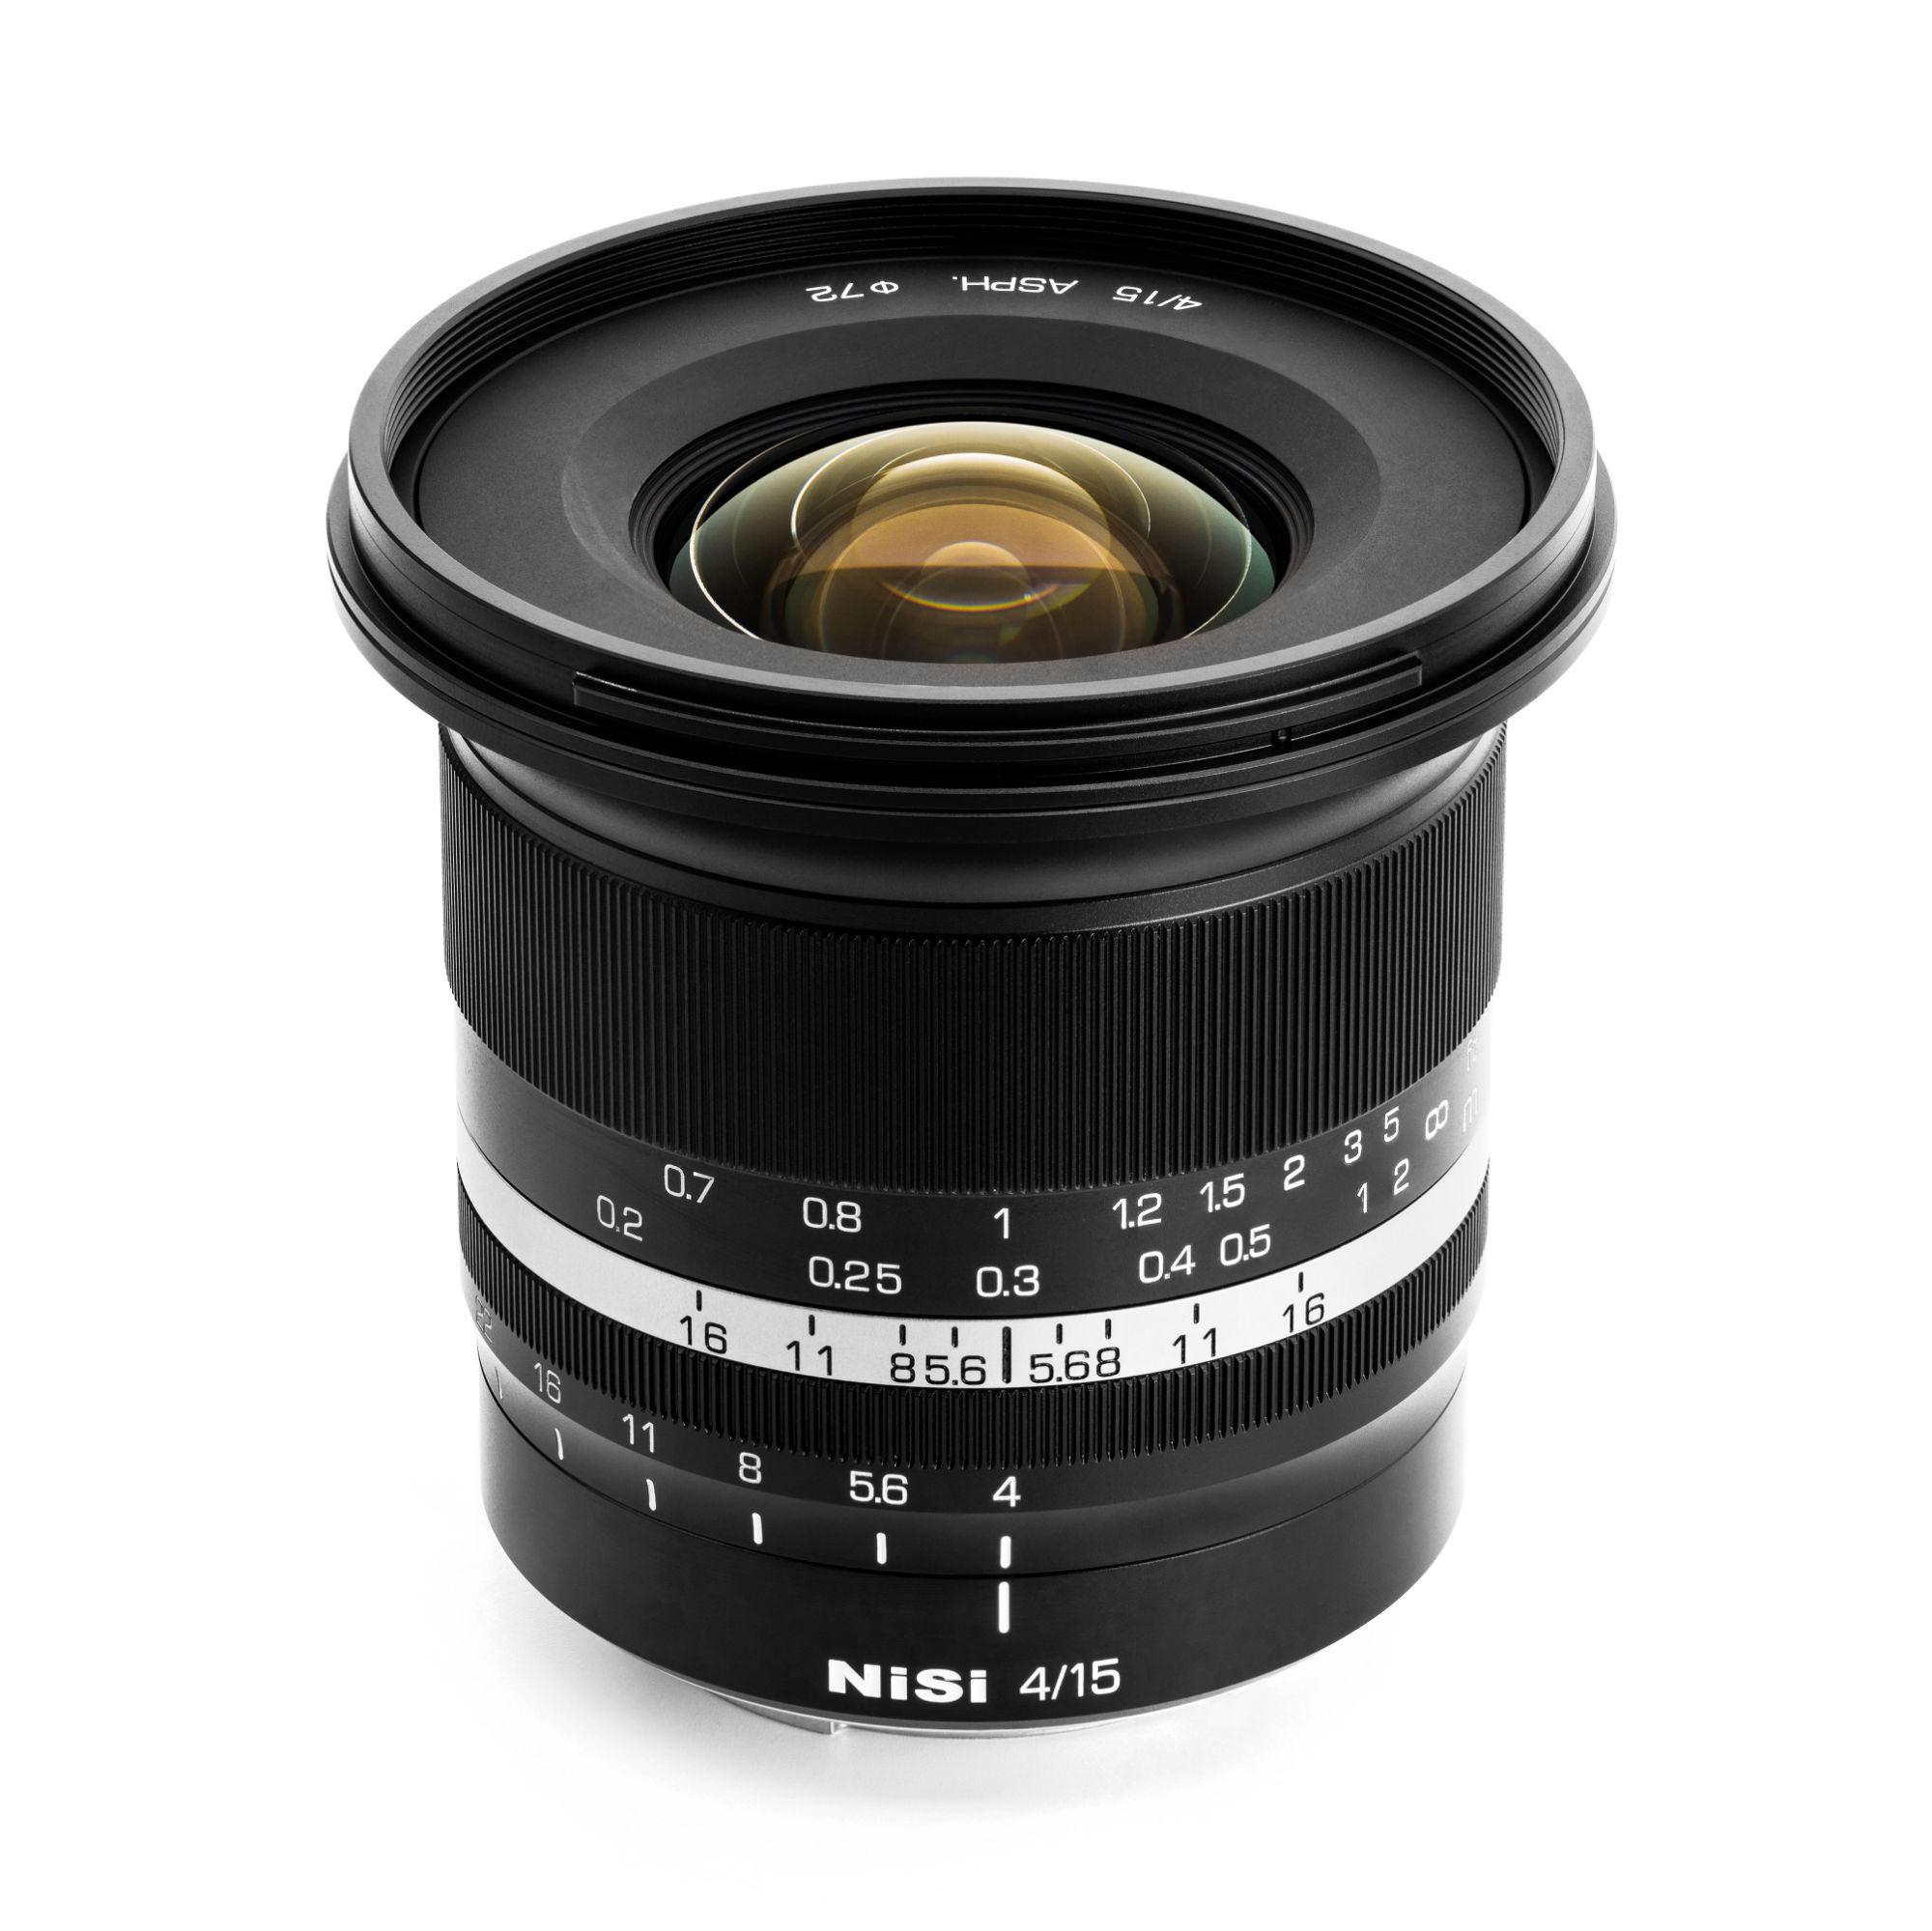 NiSi 15mm f/4 Sunstar Super Wide Angle Full Frame ASPH. Lens